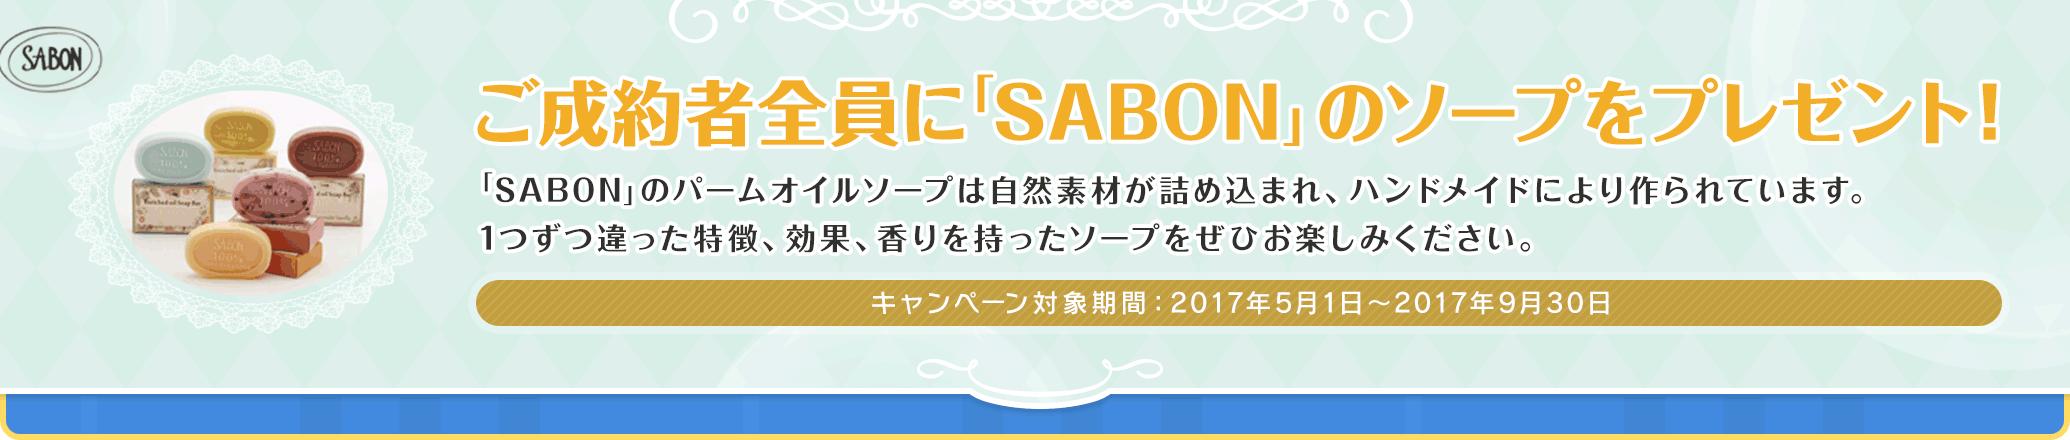 ご成約者全員に「SABON」のソープをプレゼント!SABONのソープは自然素材が詰め込まれ、ハンドメイドにより作られています。1つずつ違った特徴、効果、香りを持ったソープをぜひお楽しみください。 キャンペーン対象期間:2017年5月1日(月)〜2017年9月30日(土)